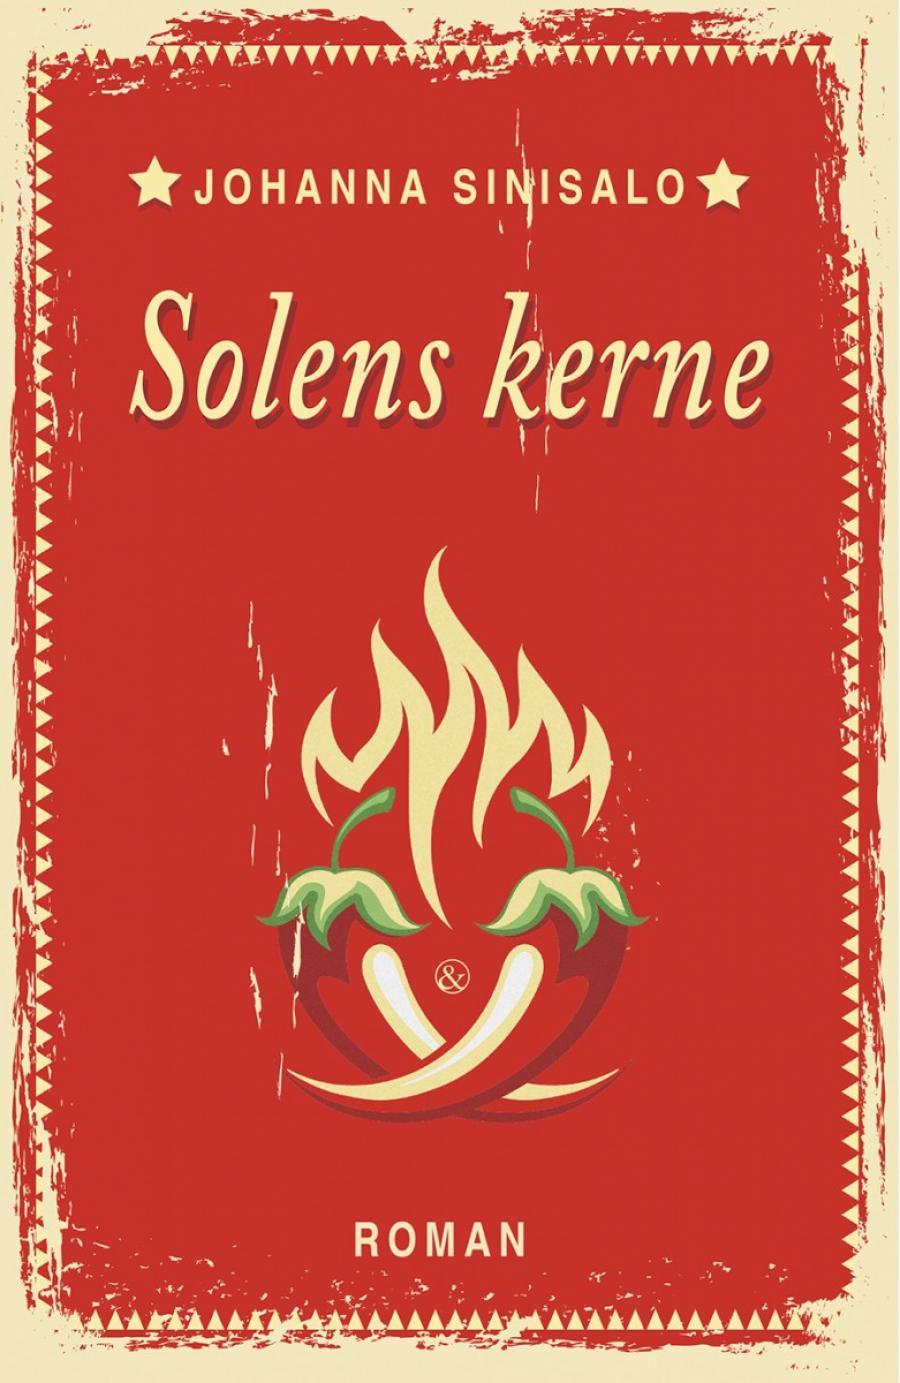 Forside til bogen Solens kerne af Johanna Sinisalo